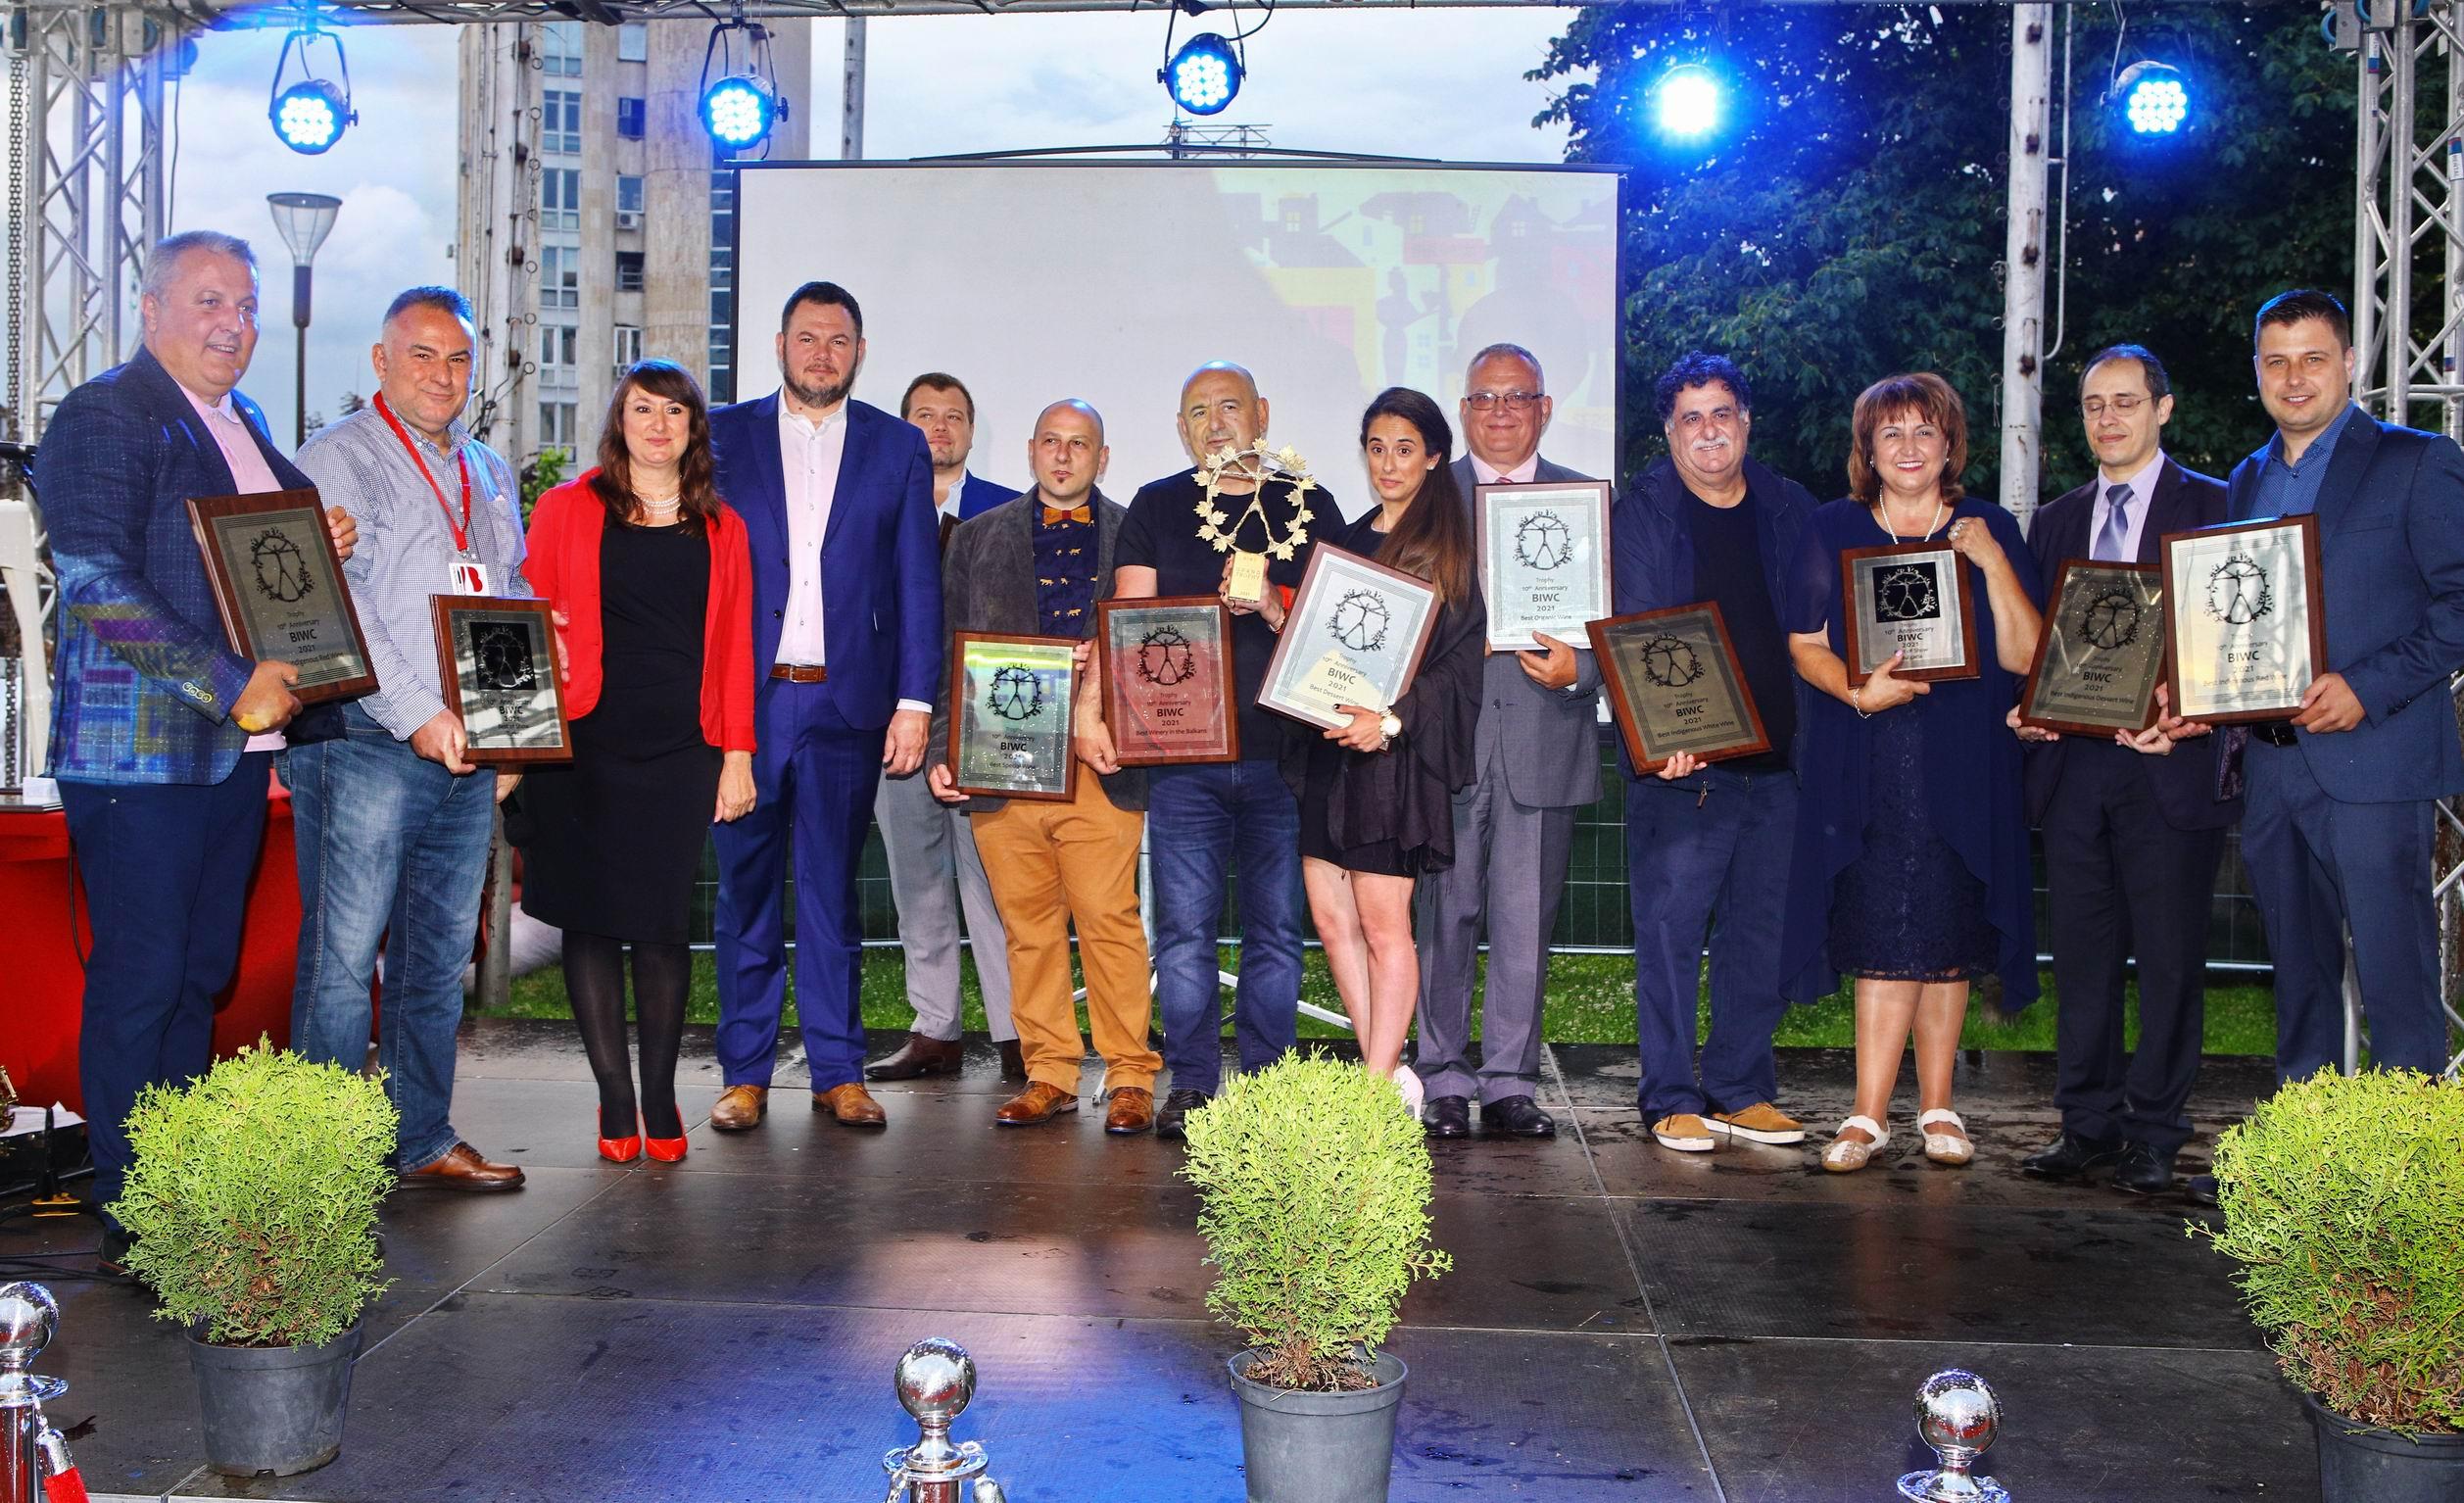 Гръцкото Vinsanto Late Release 2001 спечели Гранд Трофея за най-добро вино на Балканите